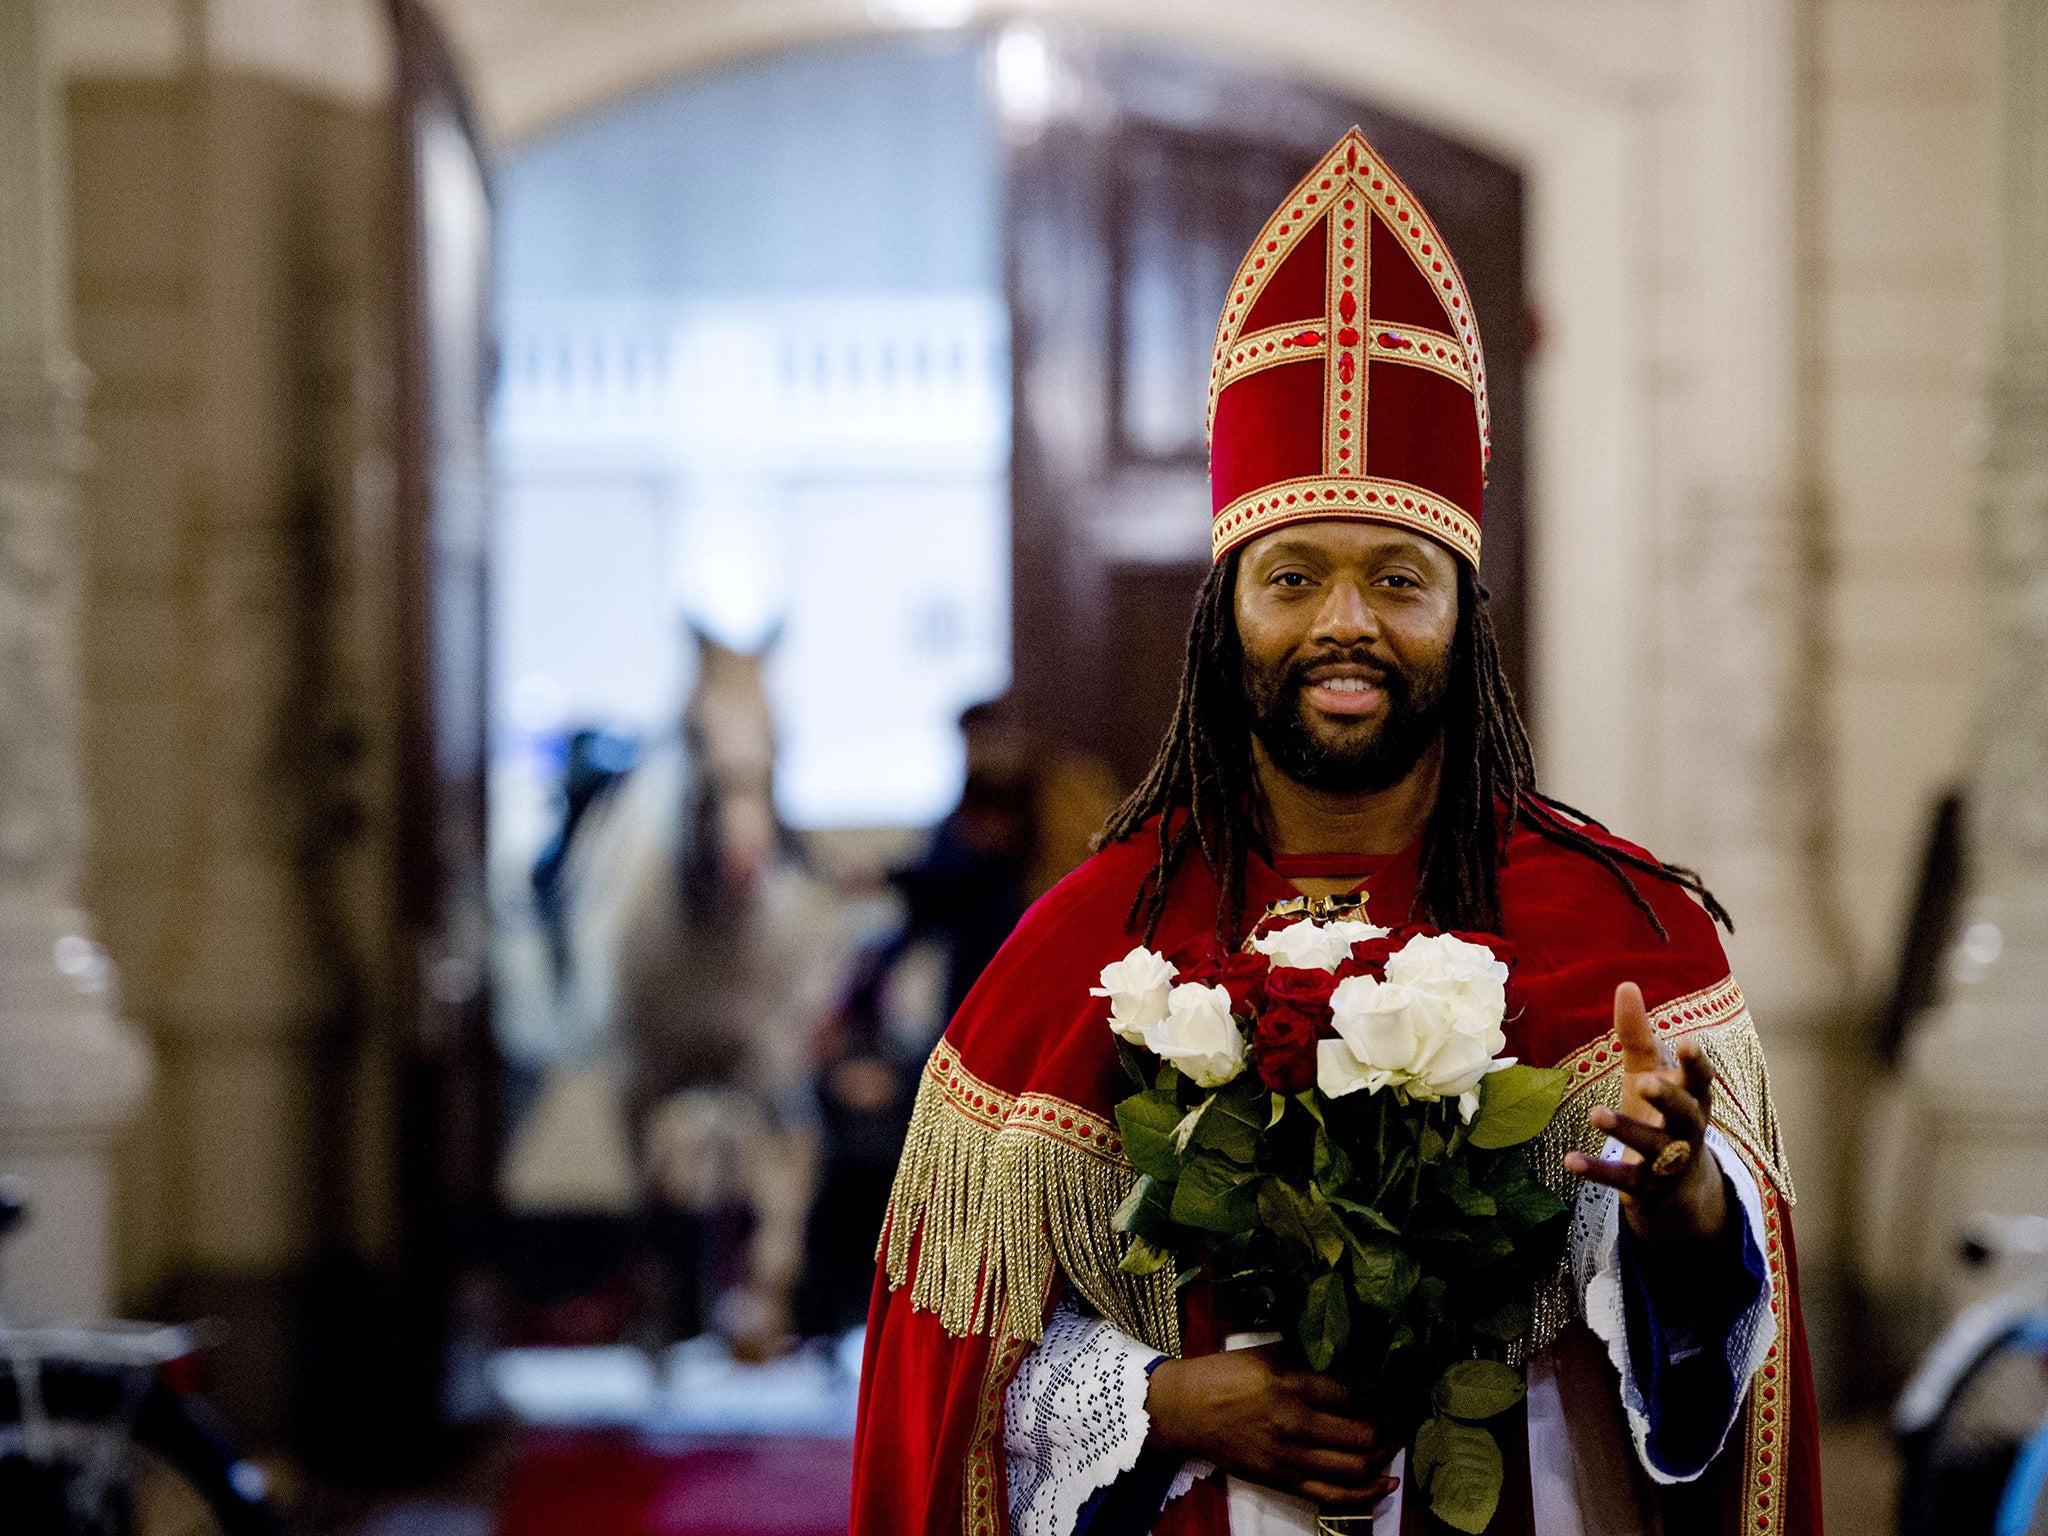 black single men in santa elena Santa elena crossing texas dating and santa elena crossing texas singles - meet someone today.